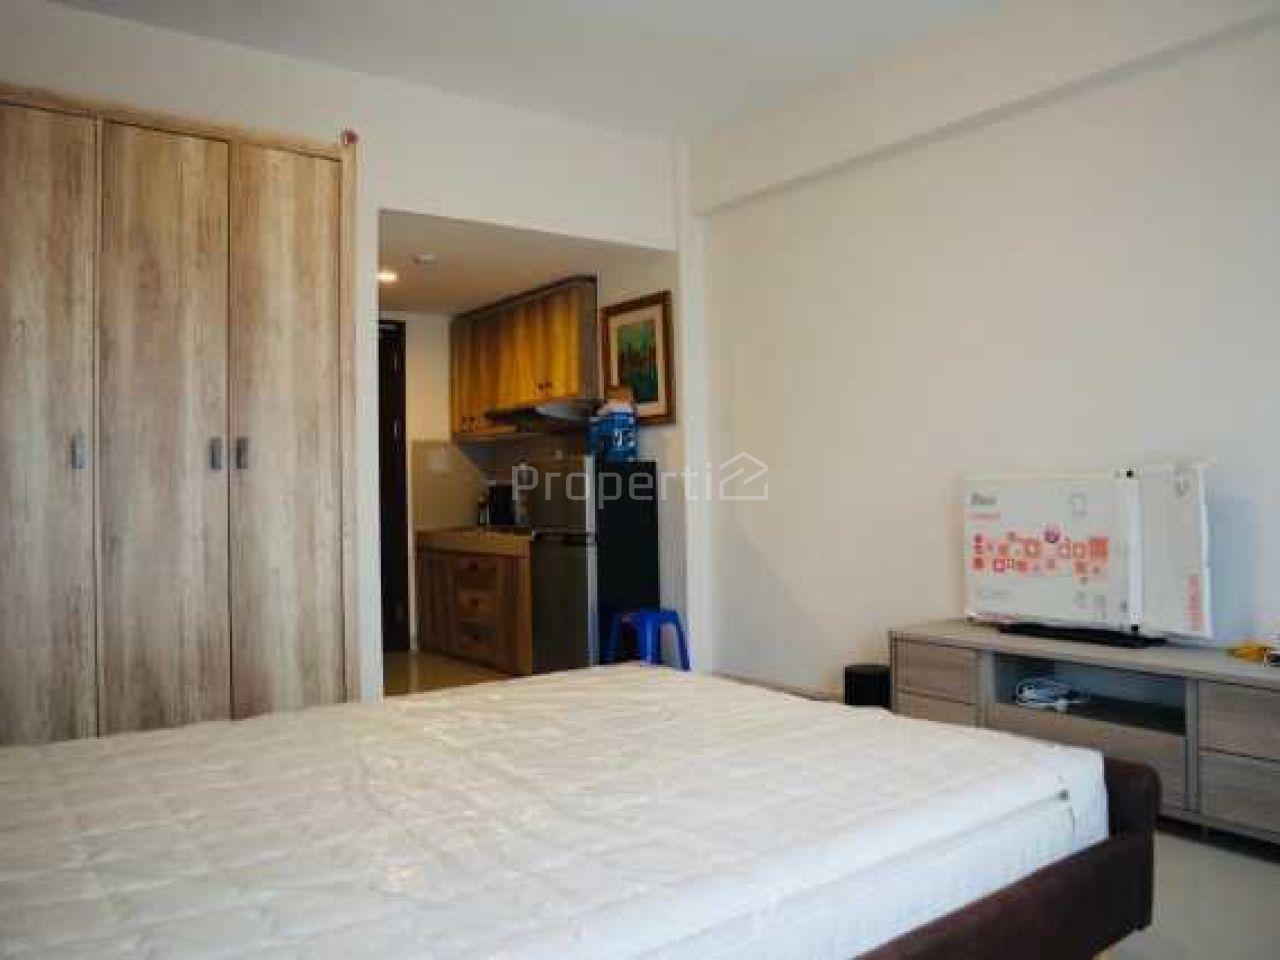 Unit Apartemen 1BR Baru di Galeri Ciumbuleuit 2, Lantai 29, Kota Bandung